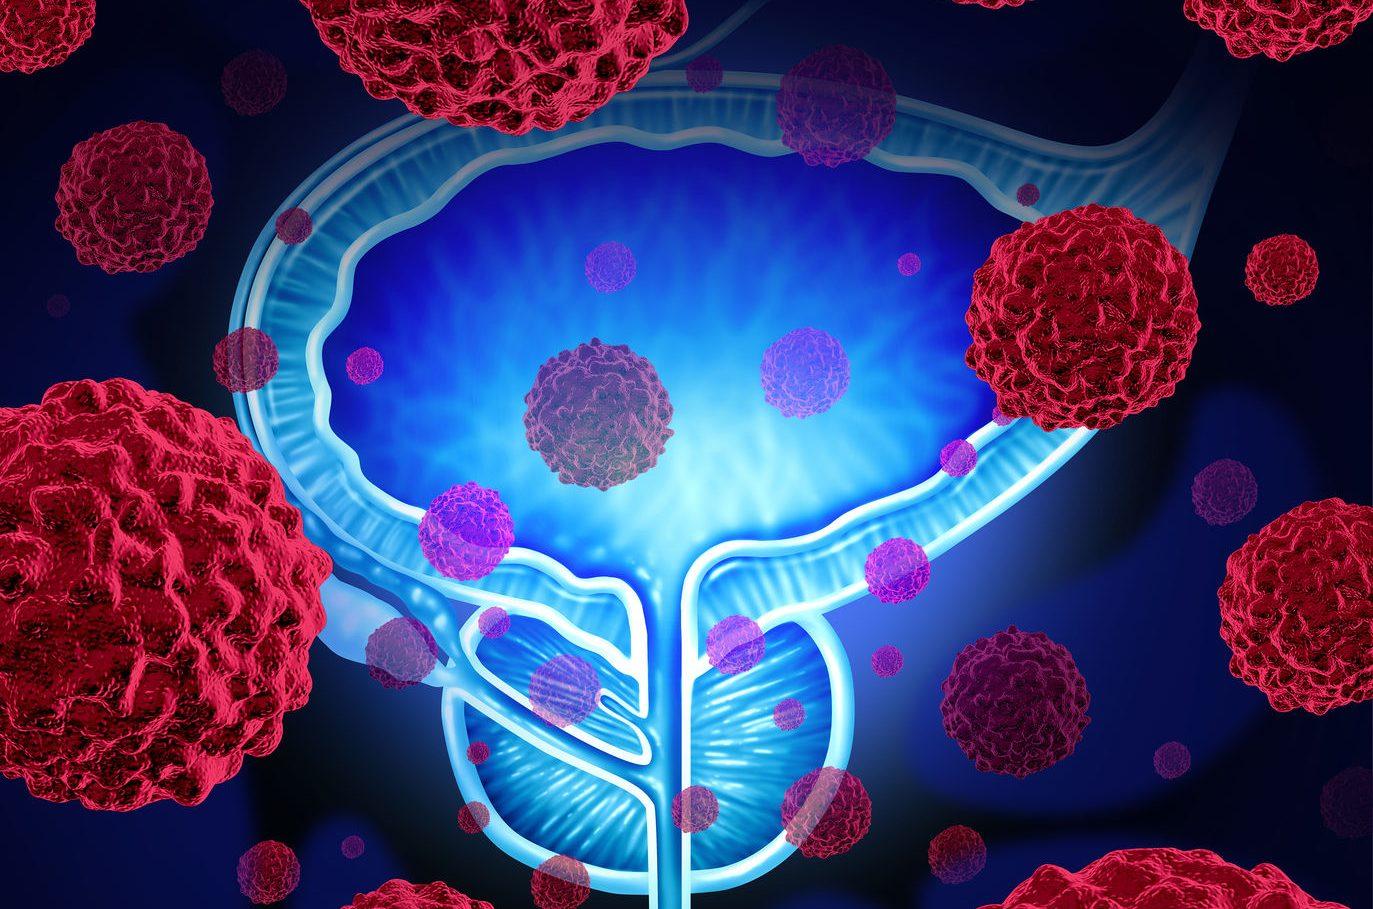 Rol de enzalutamida en el cáncer de próstata metastásico resistente a la castración